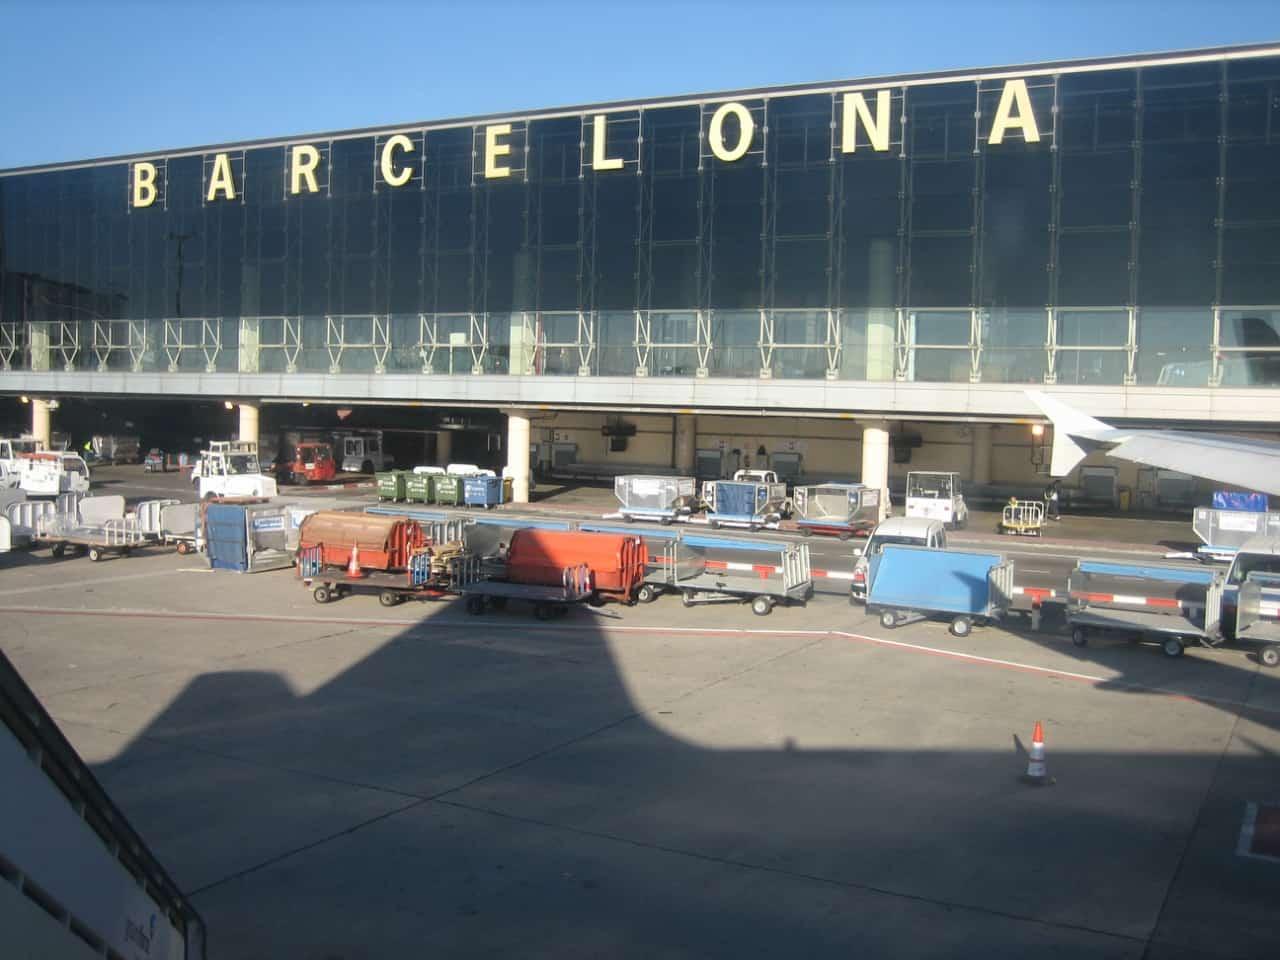 Aeropuerto de Barcelona-El Prat 7